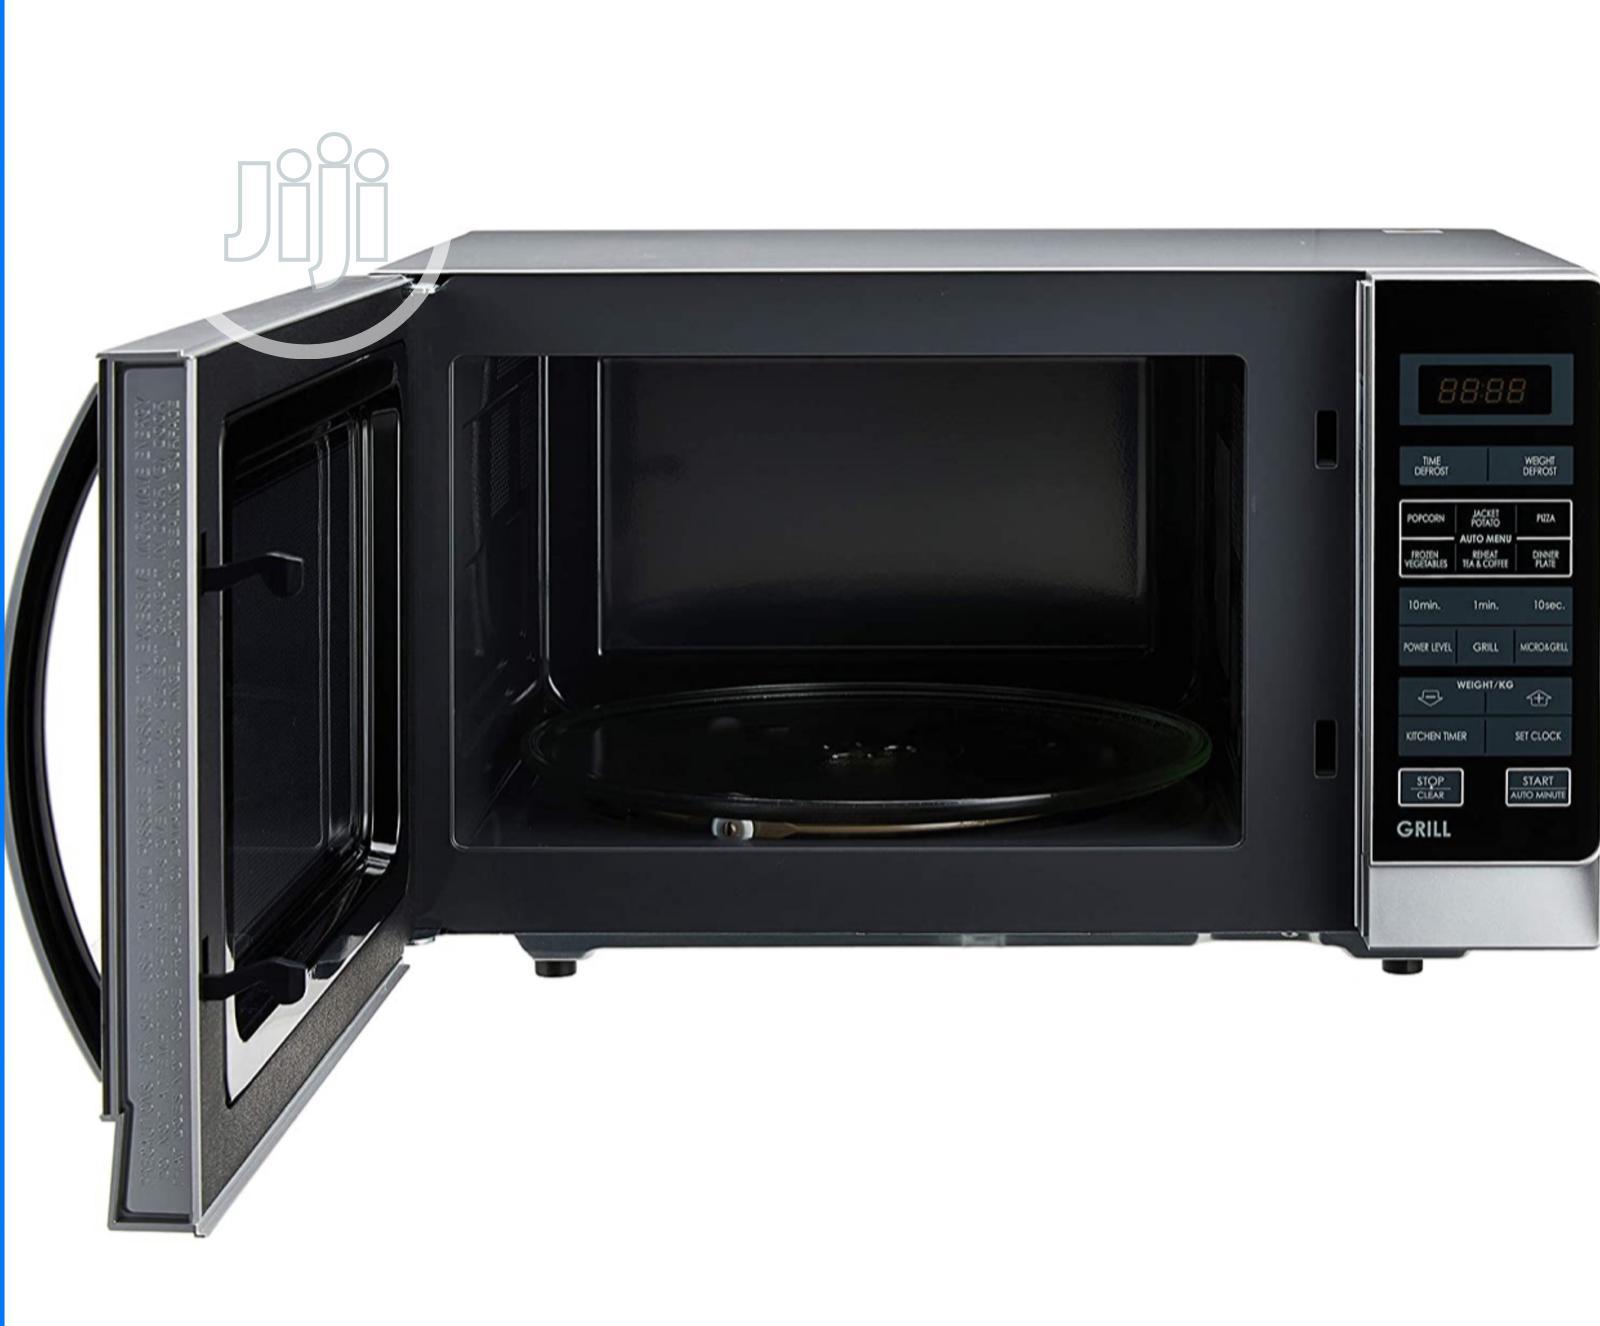 sharp r 72a1 sm v 25 liter 900w microwave oven 220 volt